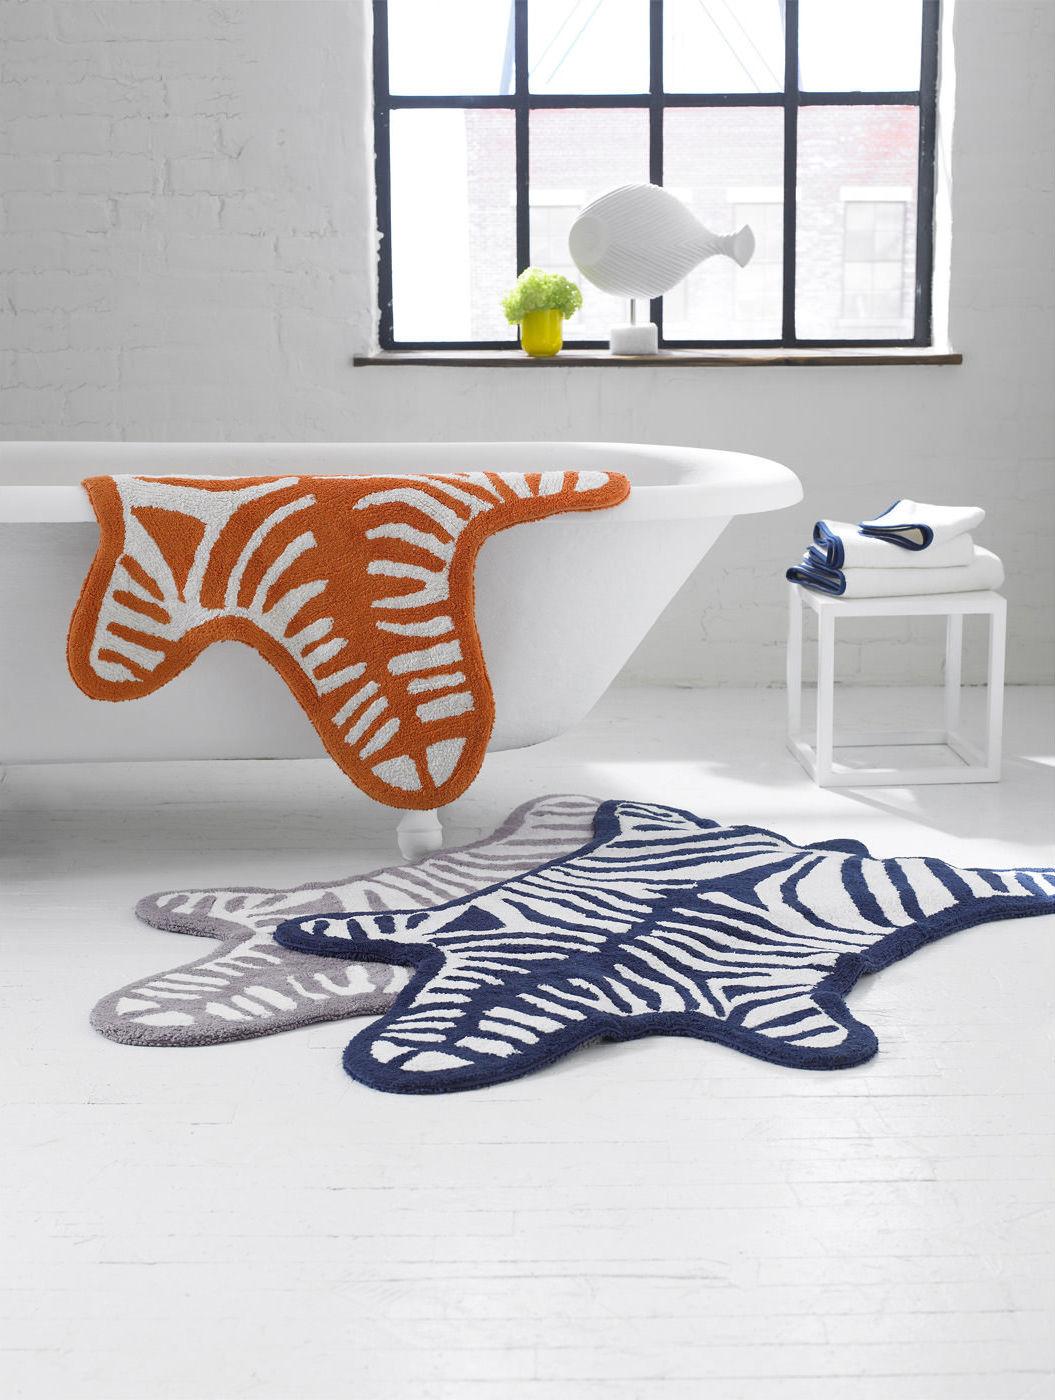 Badteppich Zebra Von Jonathan Adler Weiss Marineblau L 112 X L